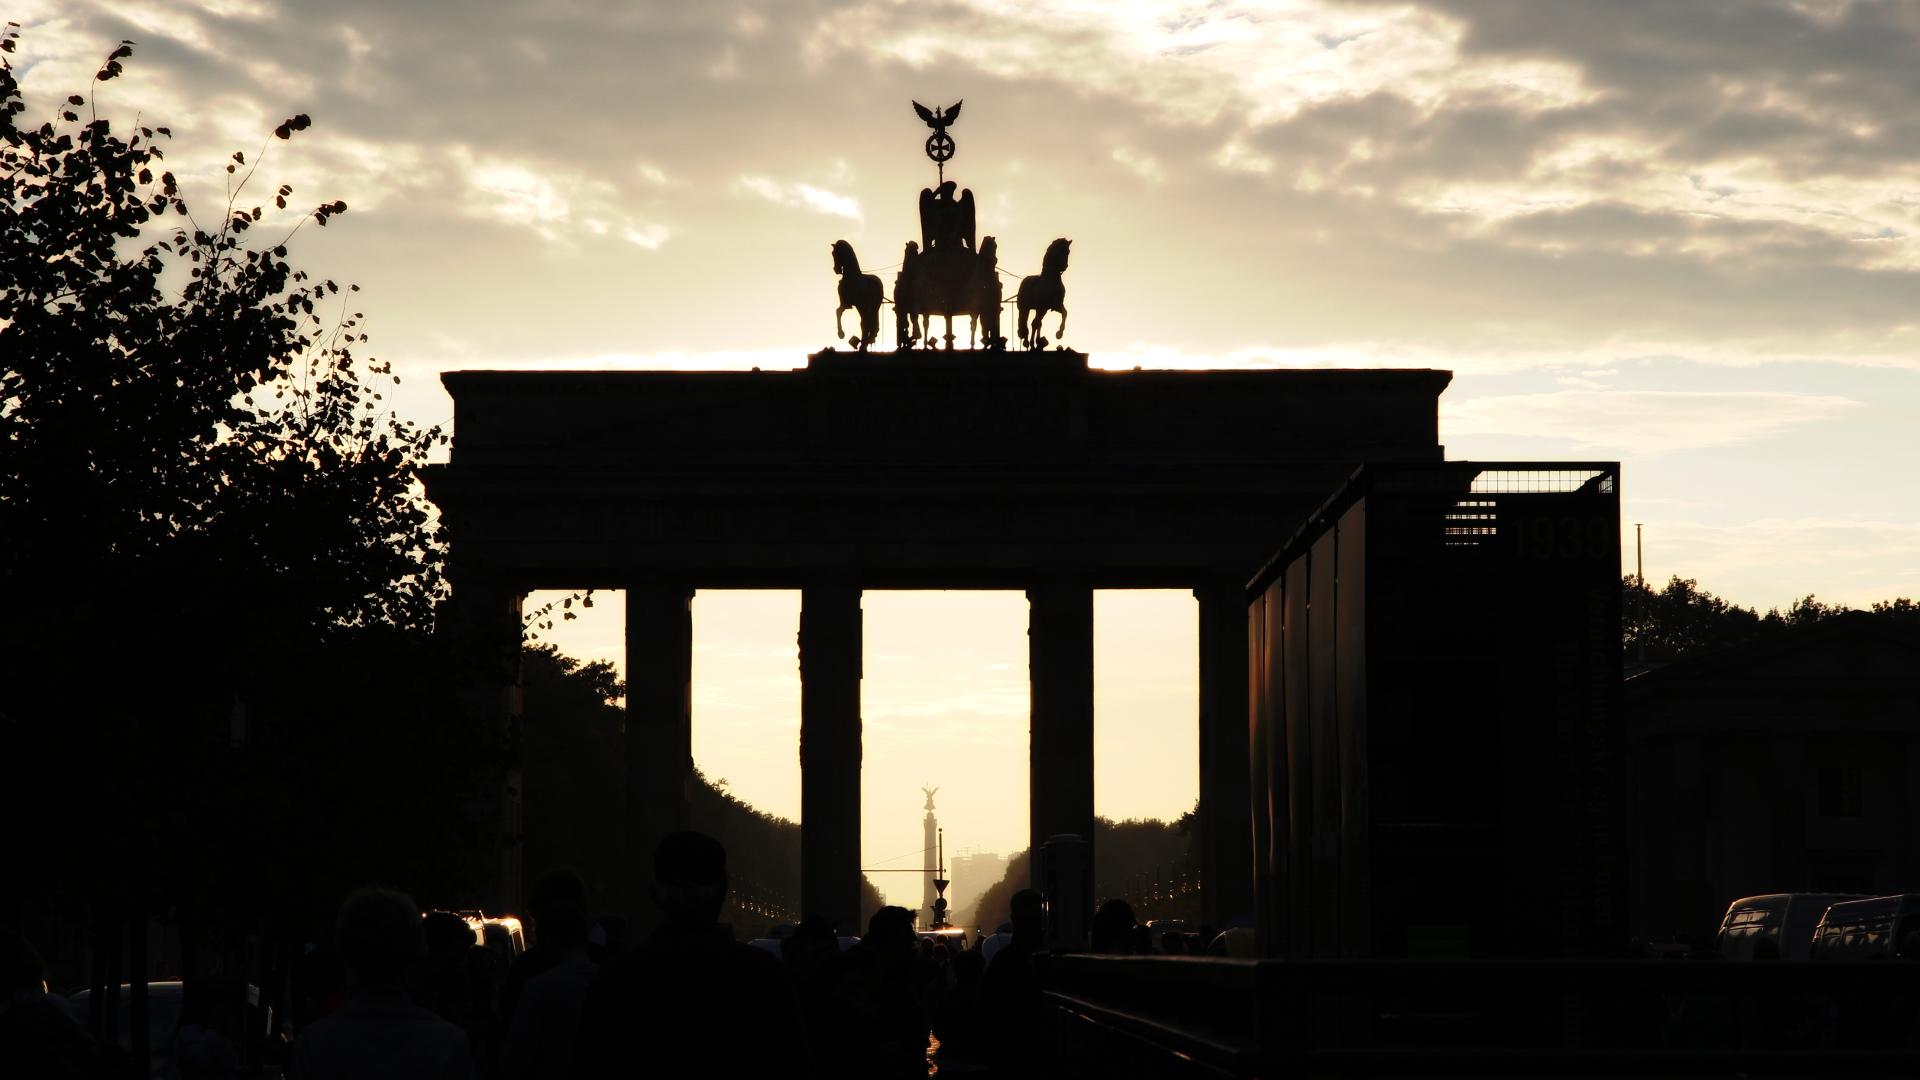 Berlin wallpapers II – ojdo